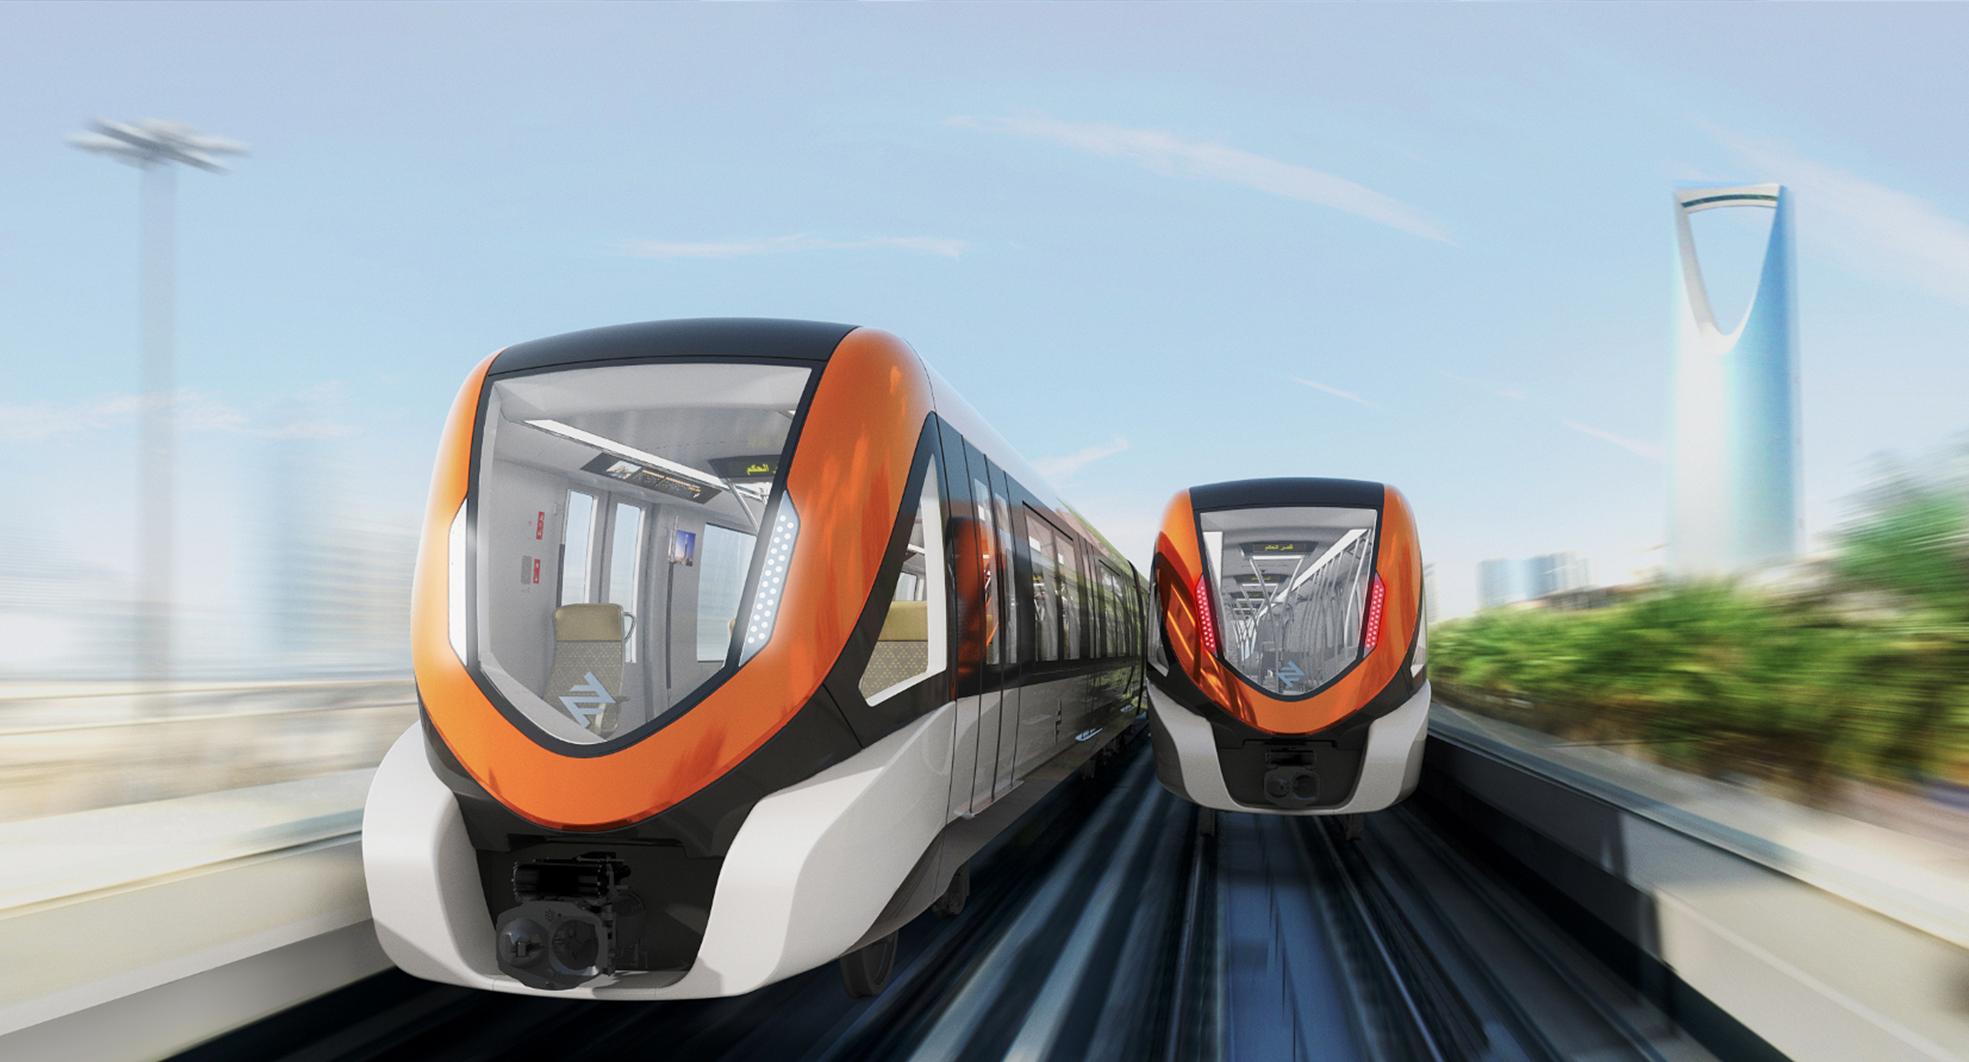 Metro Line Study